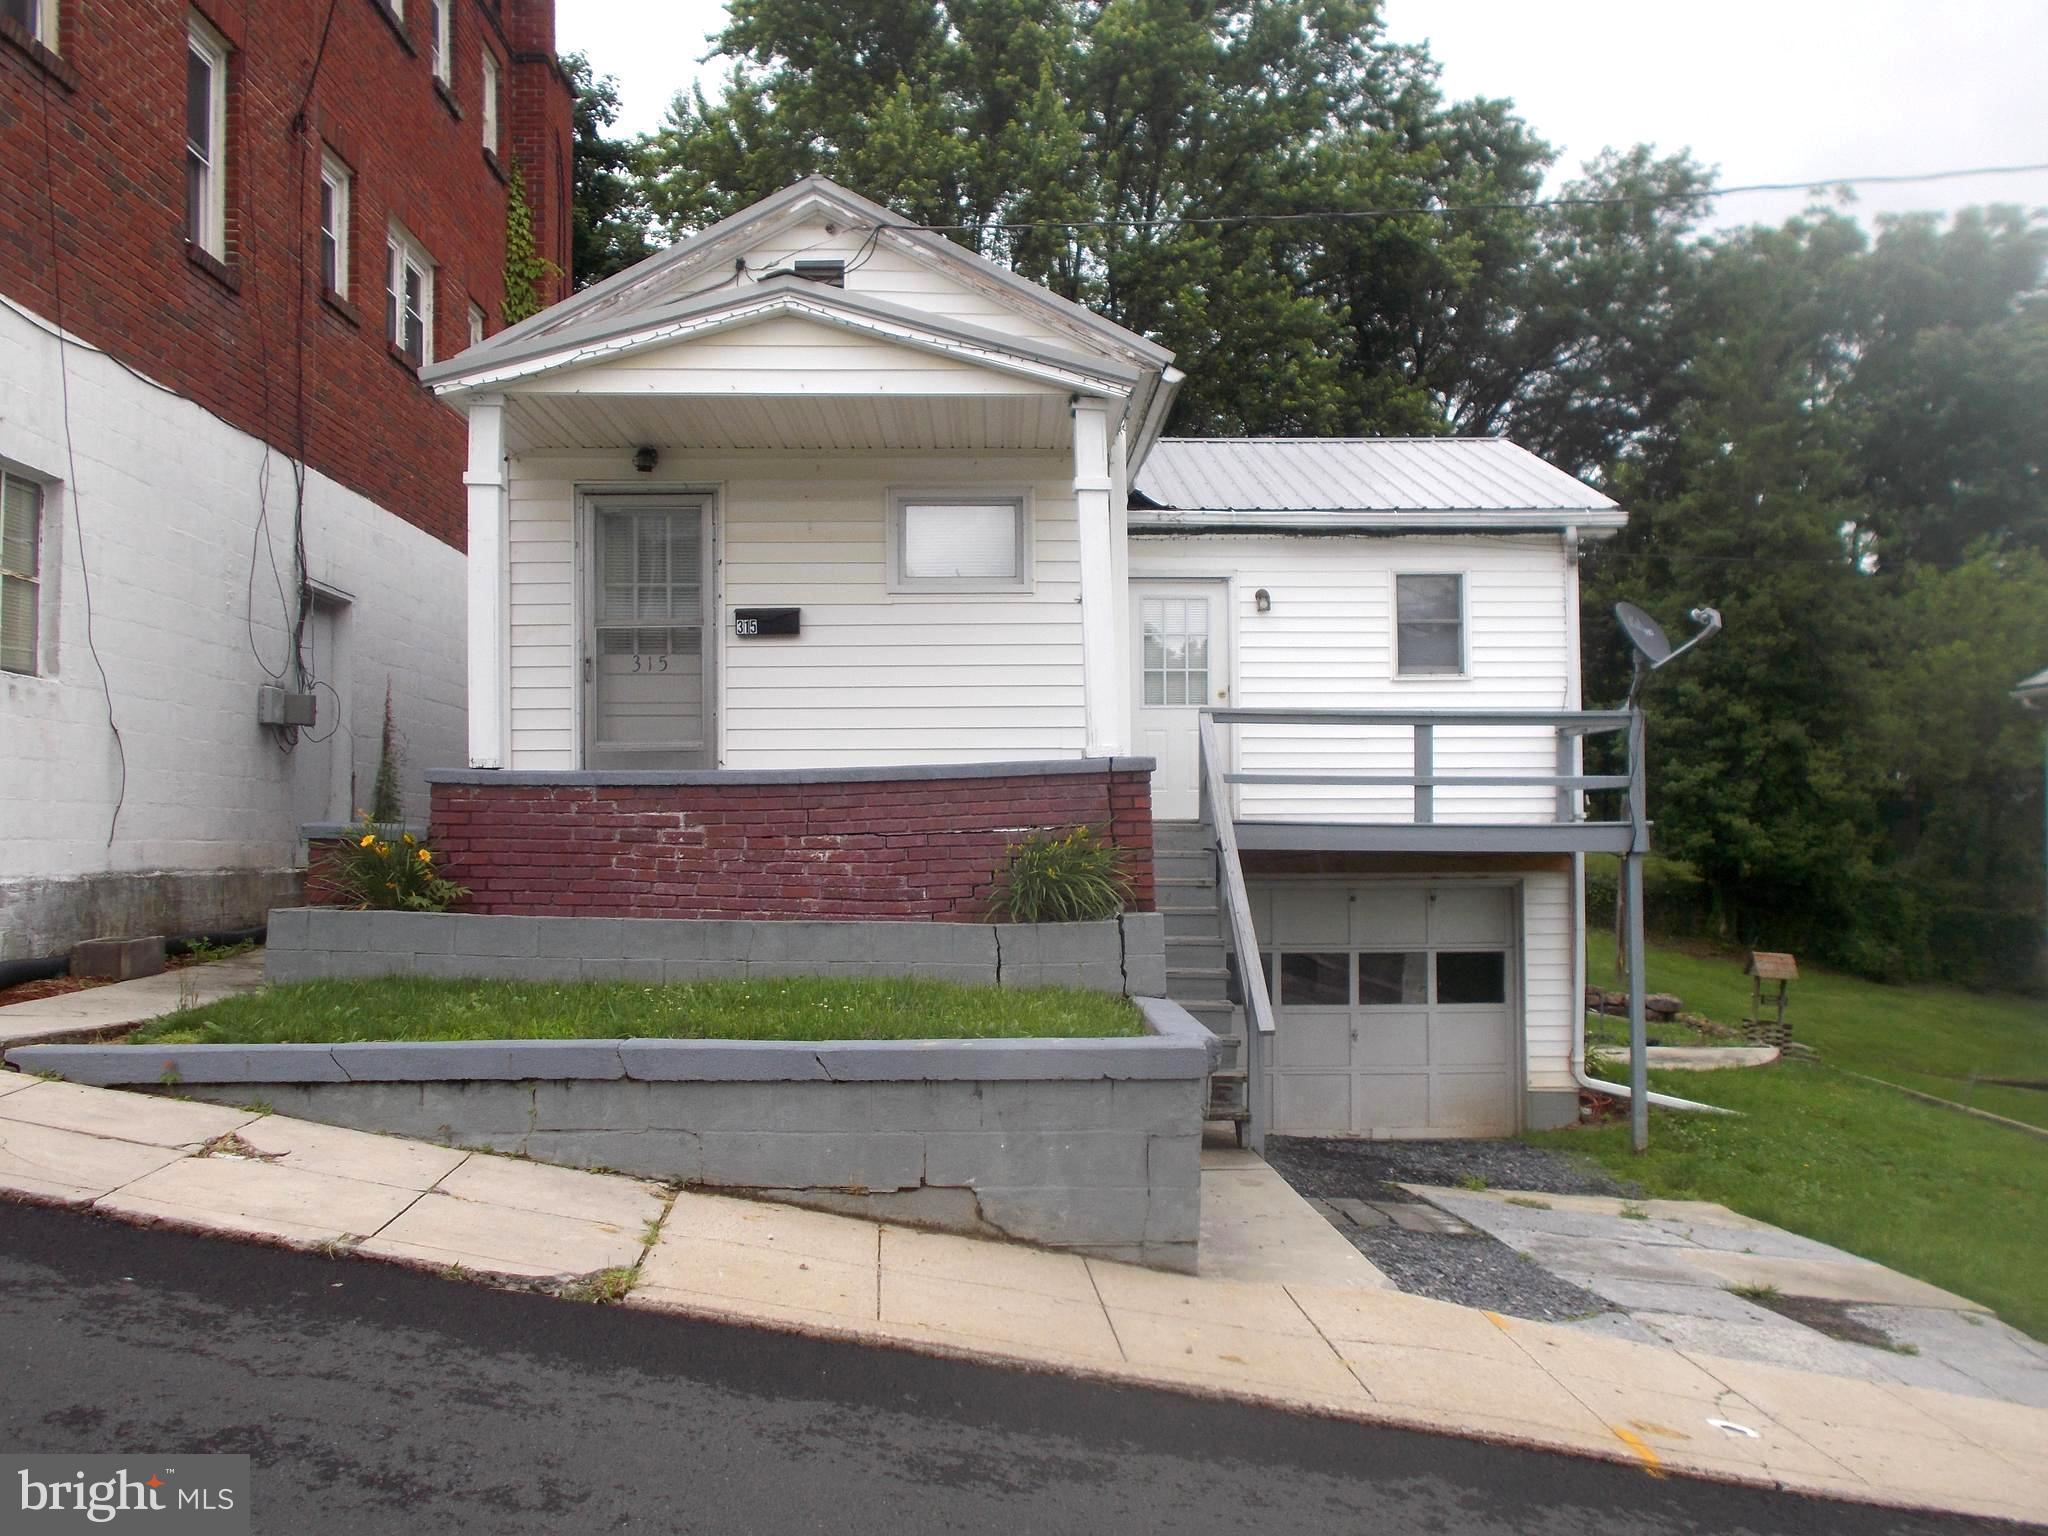 315 ROCK STREET, WESTERNPORT, MD 21562